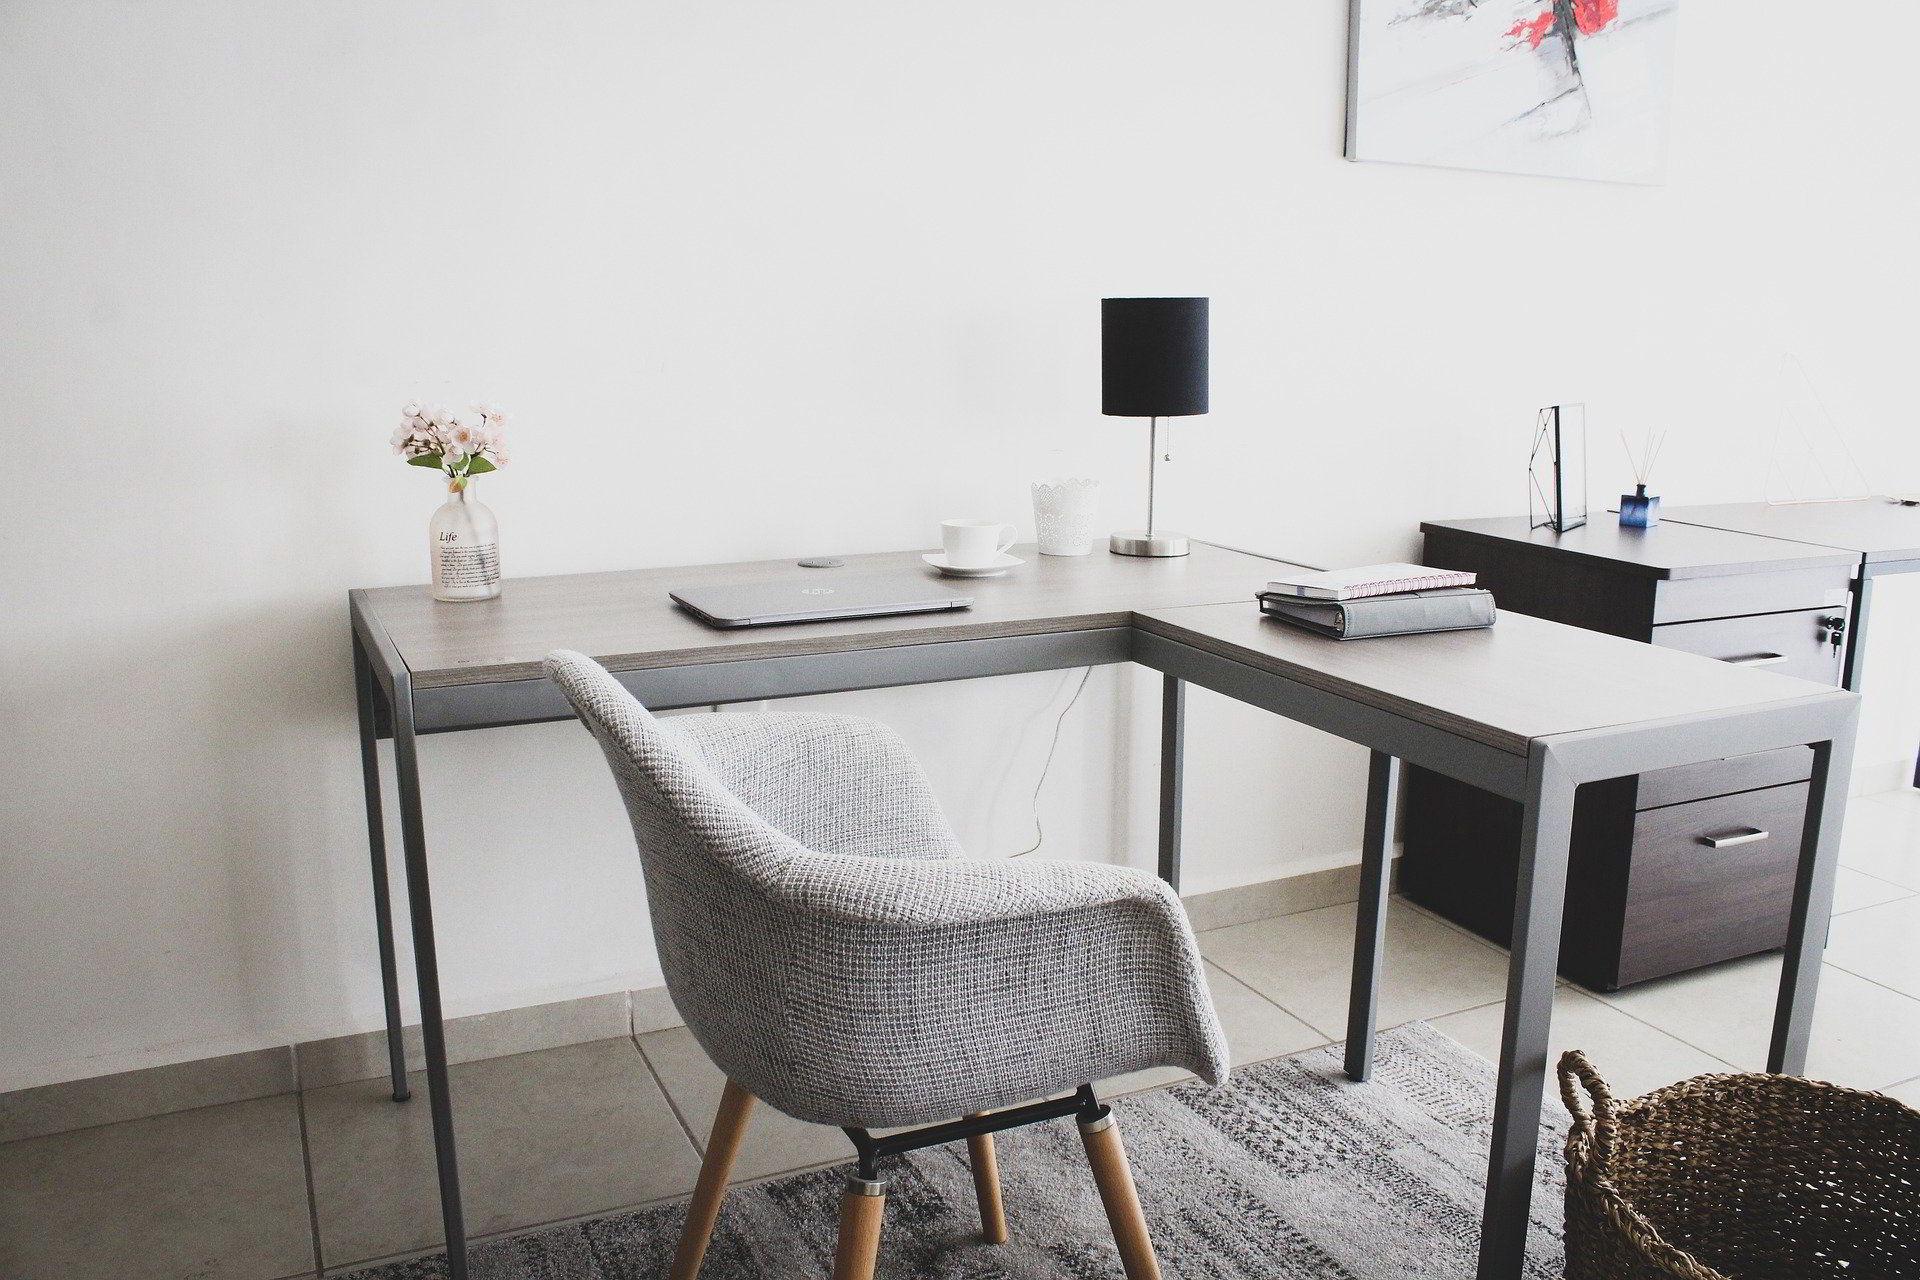 8 idées pour travailler dans un environnement agréable